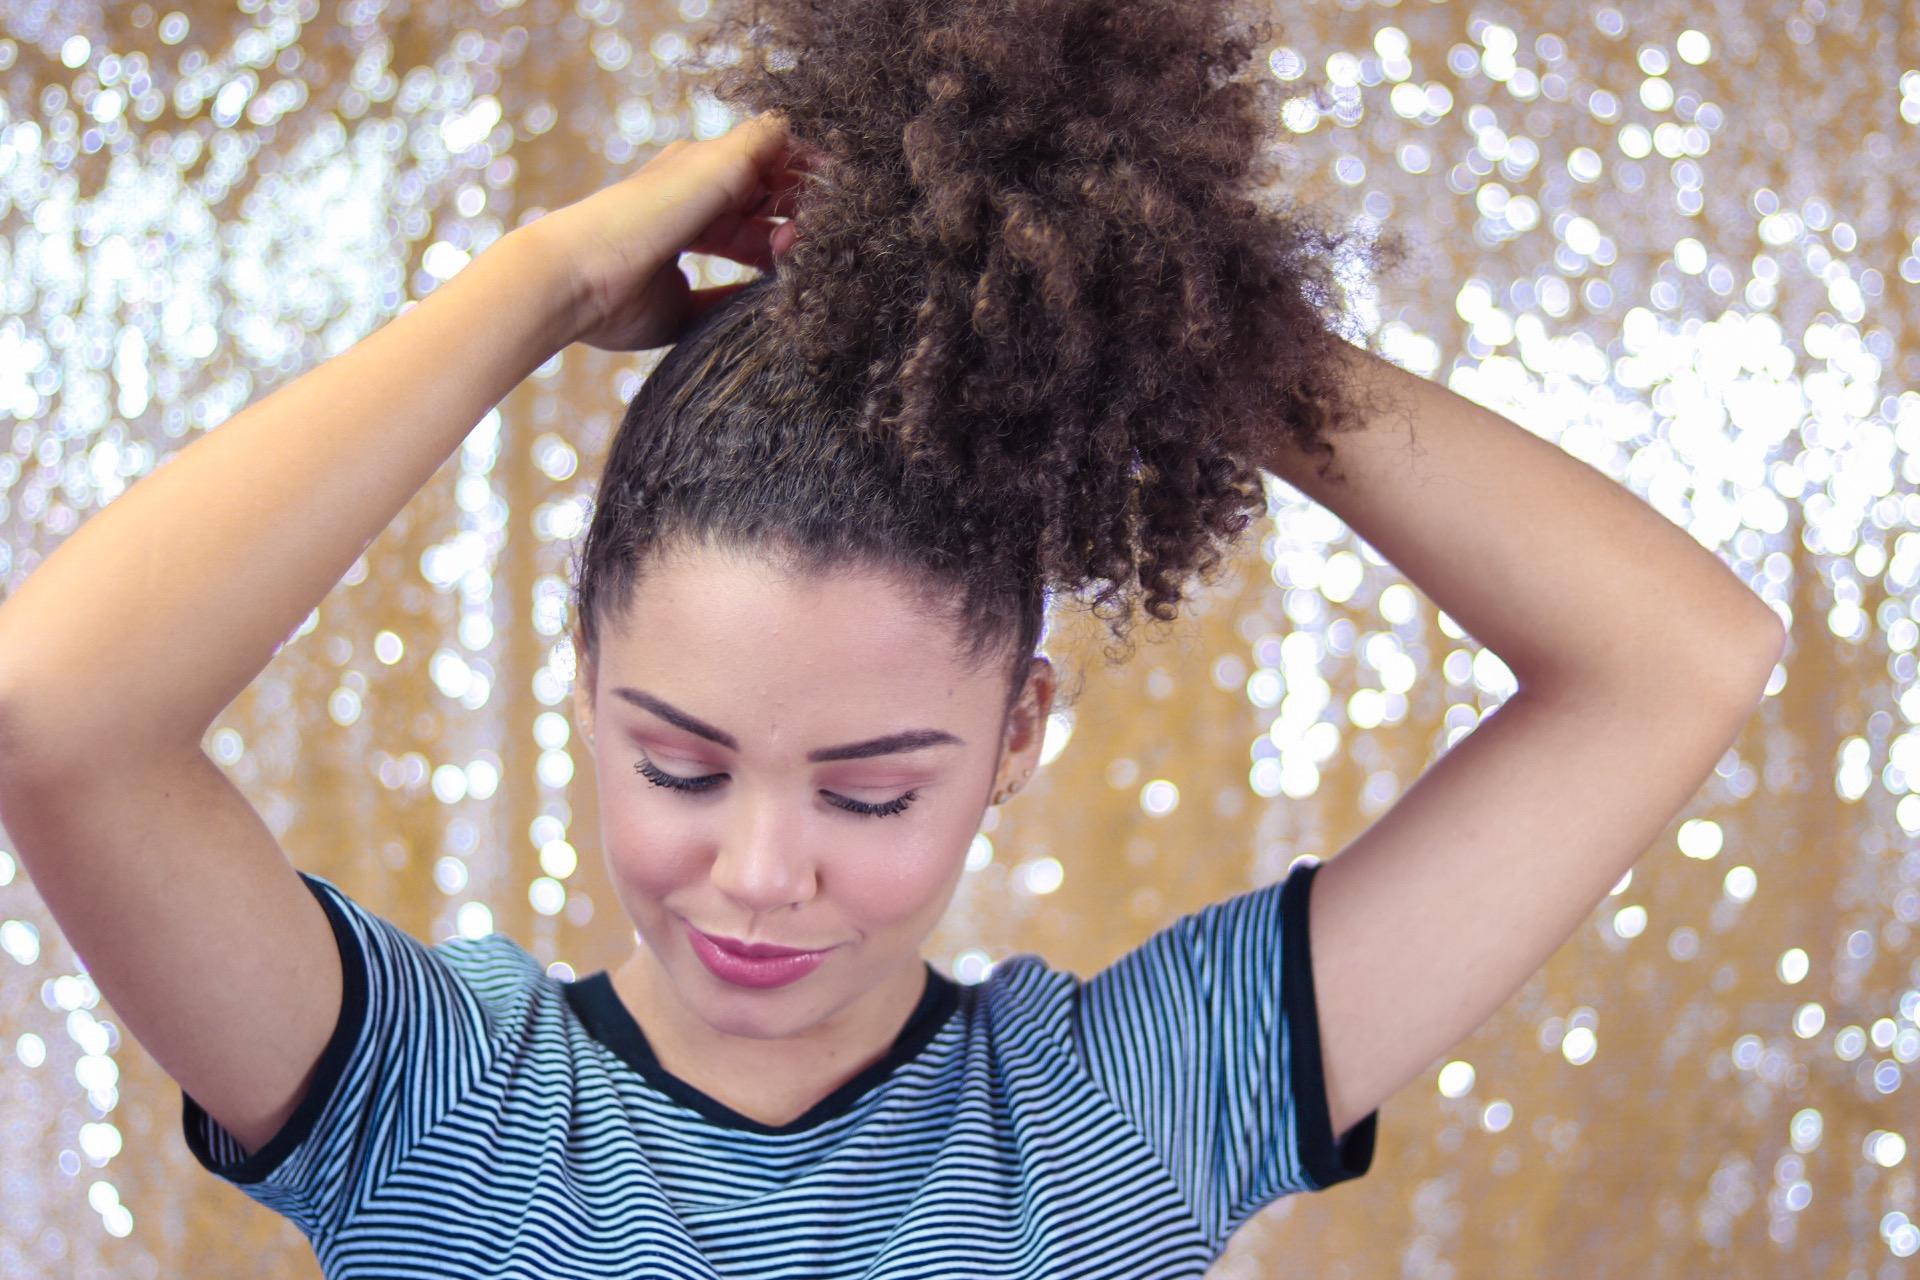 Penteado de carnaval: modelo fofo pra folia!